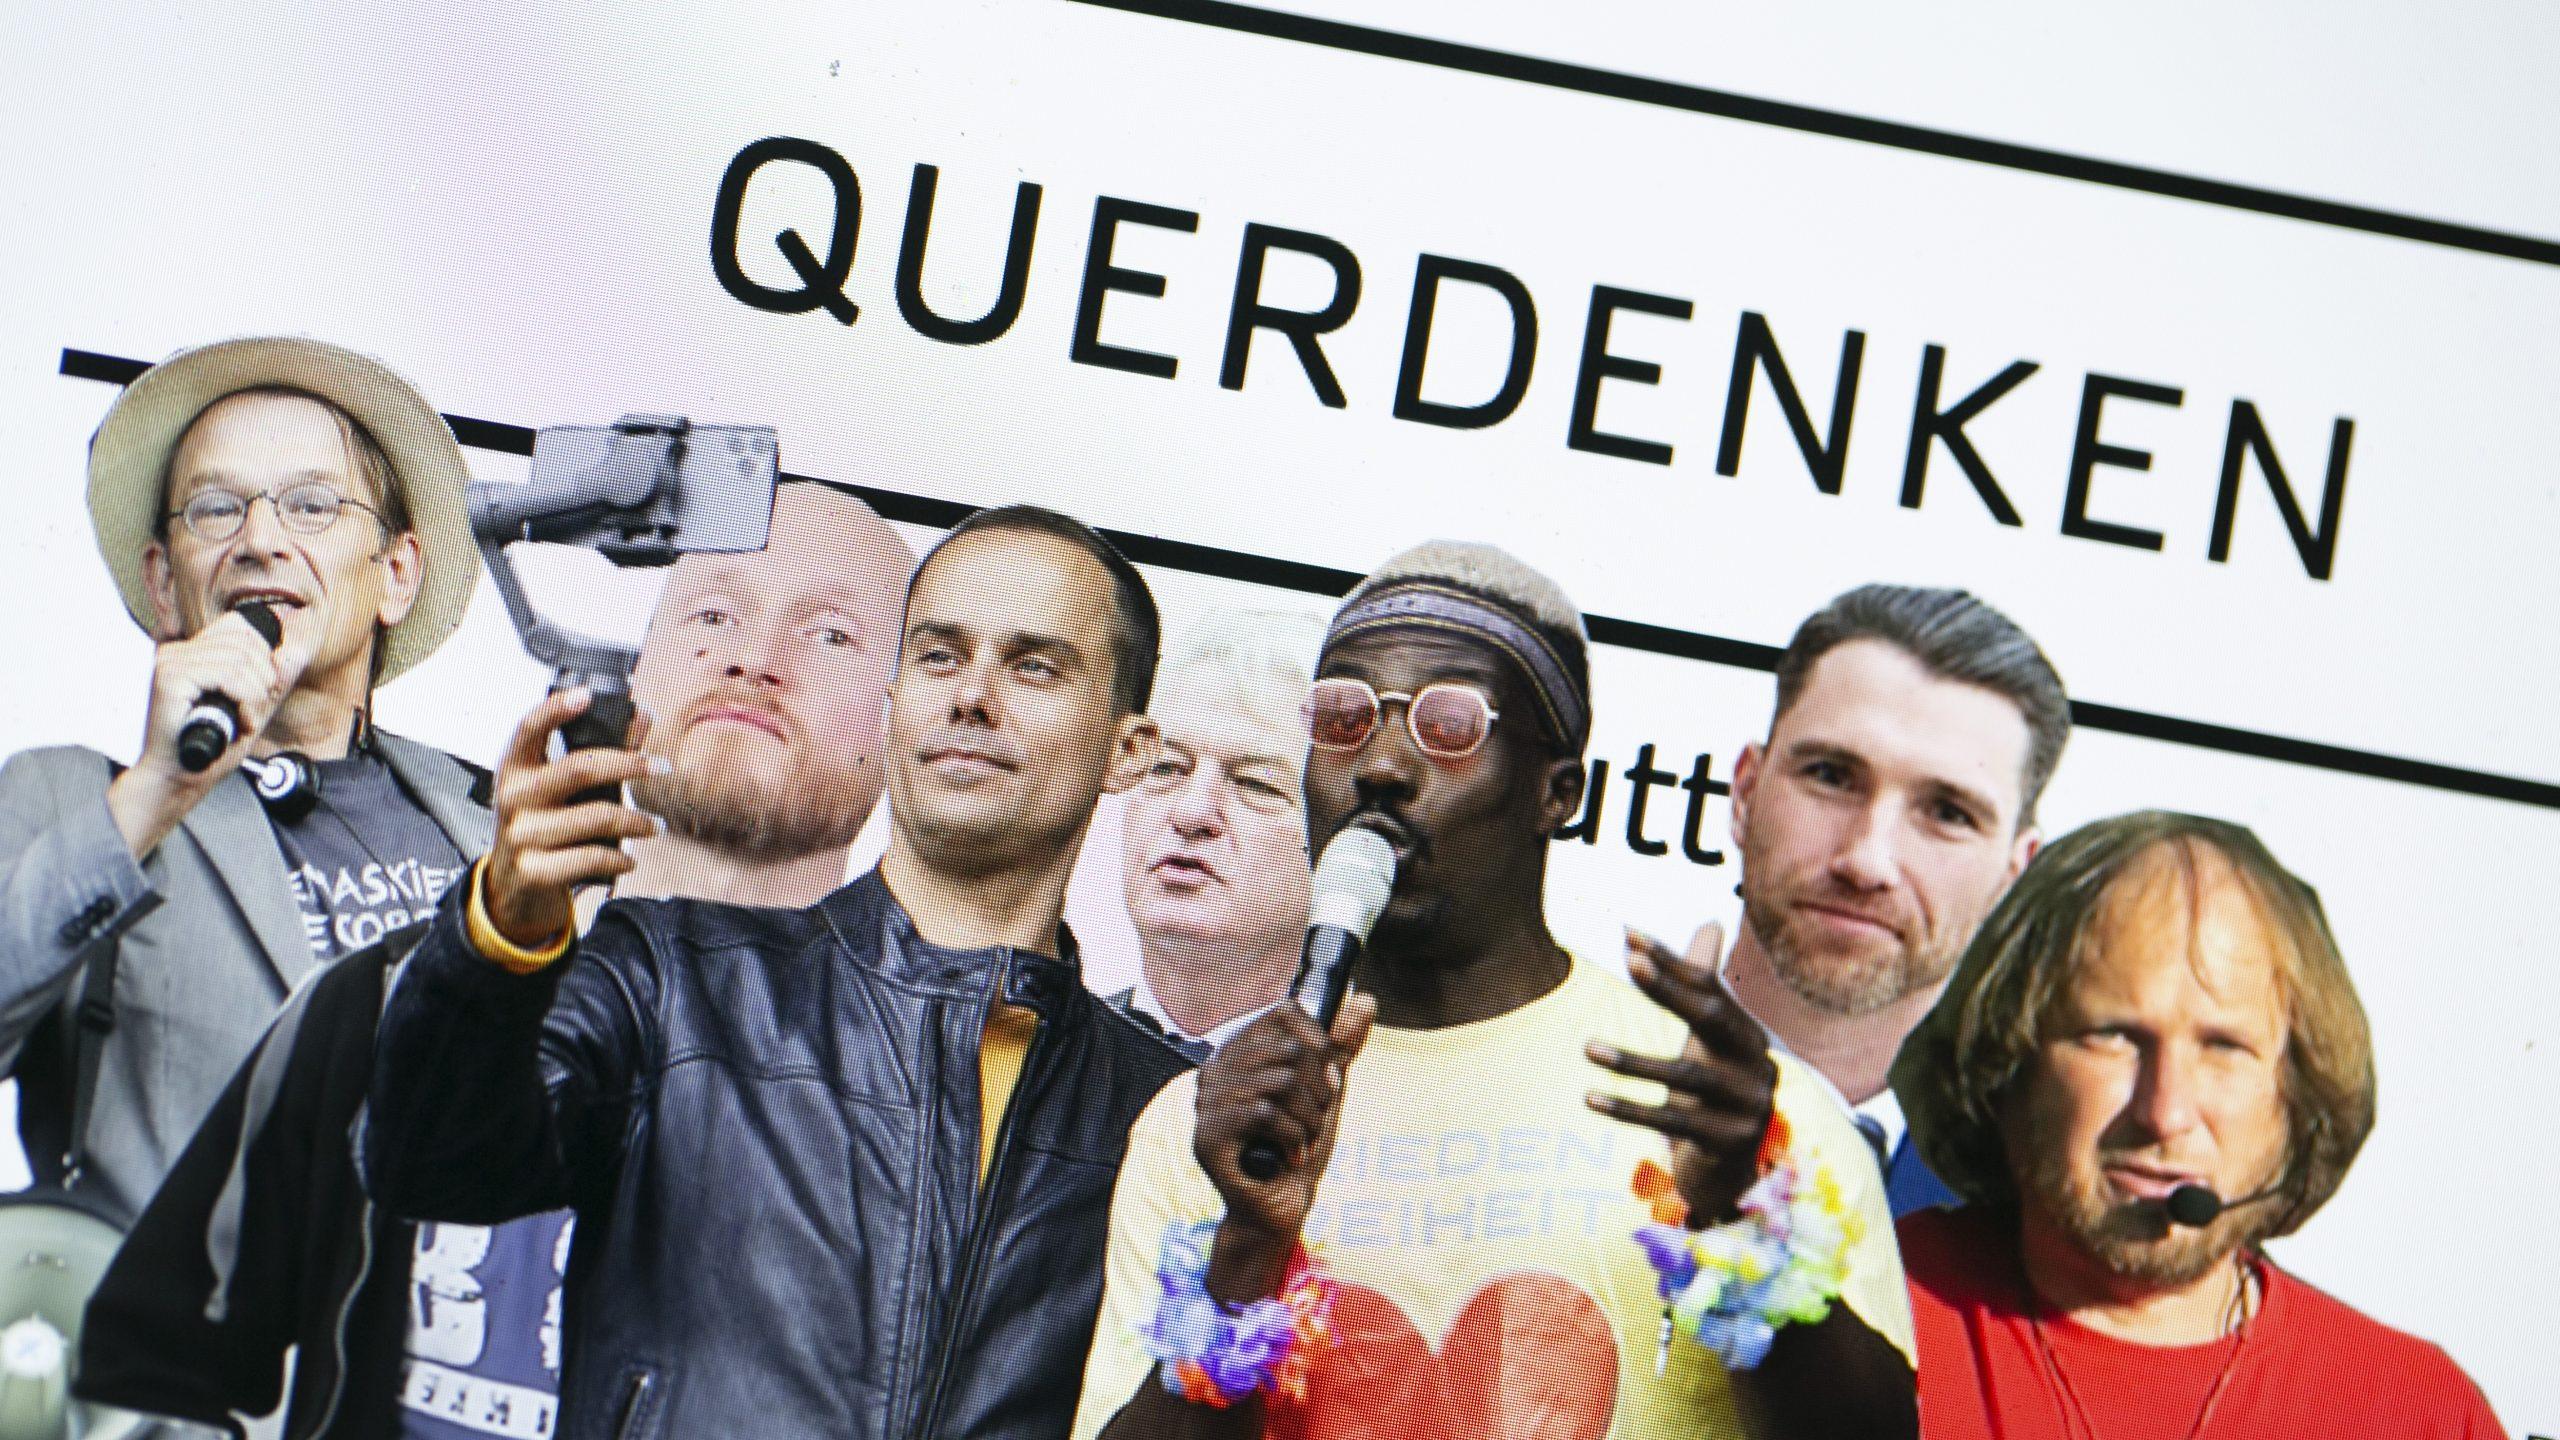 Mein Freund, der Neonazi: Querdenken-Moderator pflegt seit Jahren Kontakt in die rechtsextreme Szene